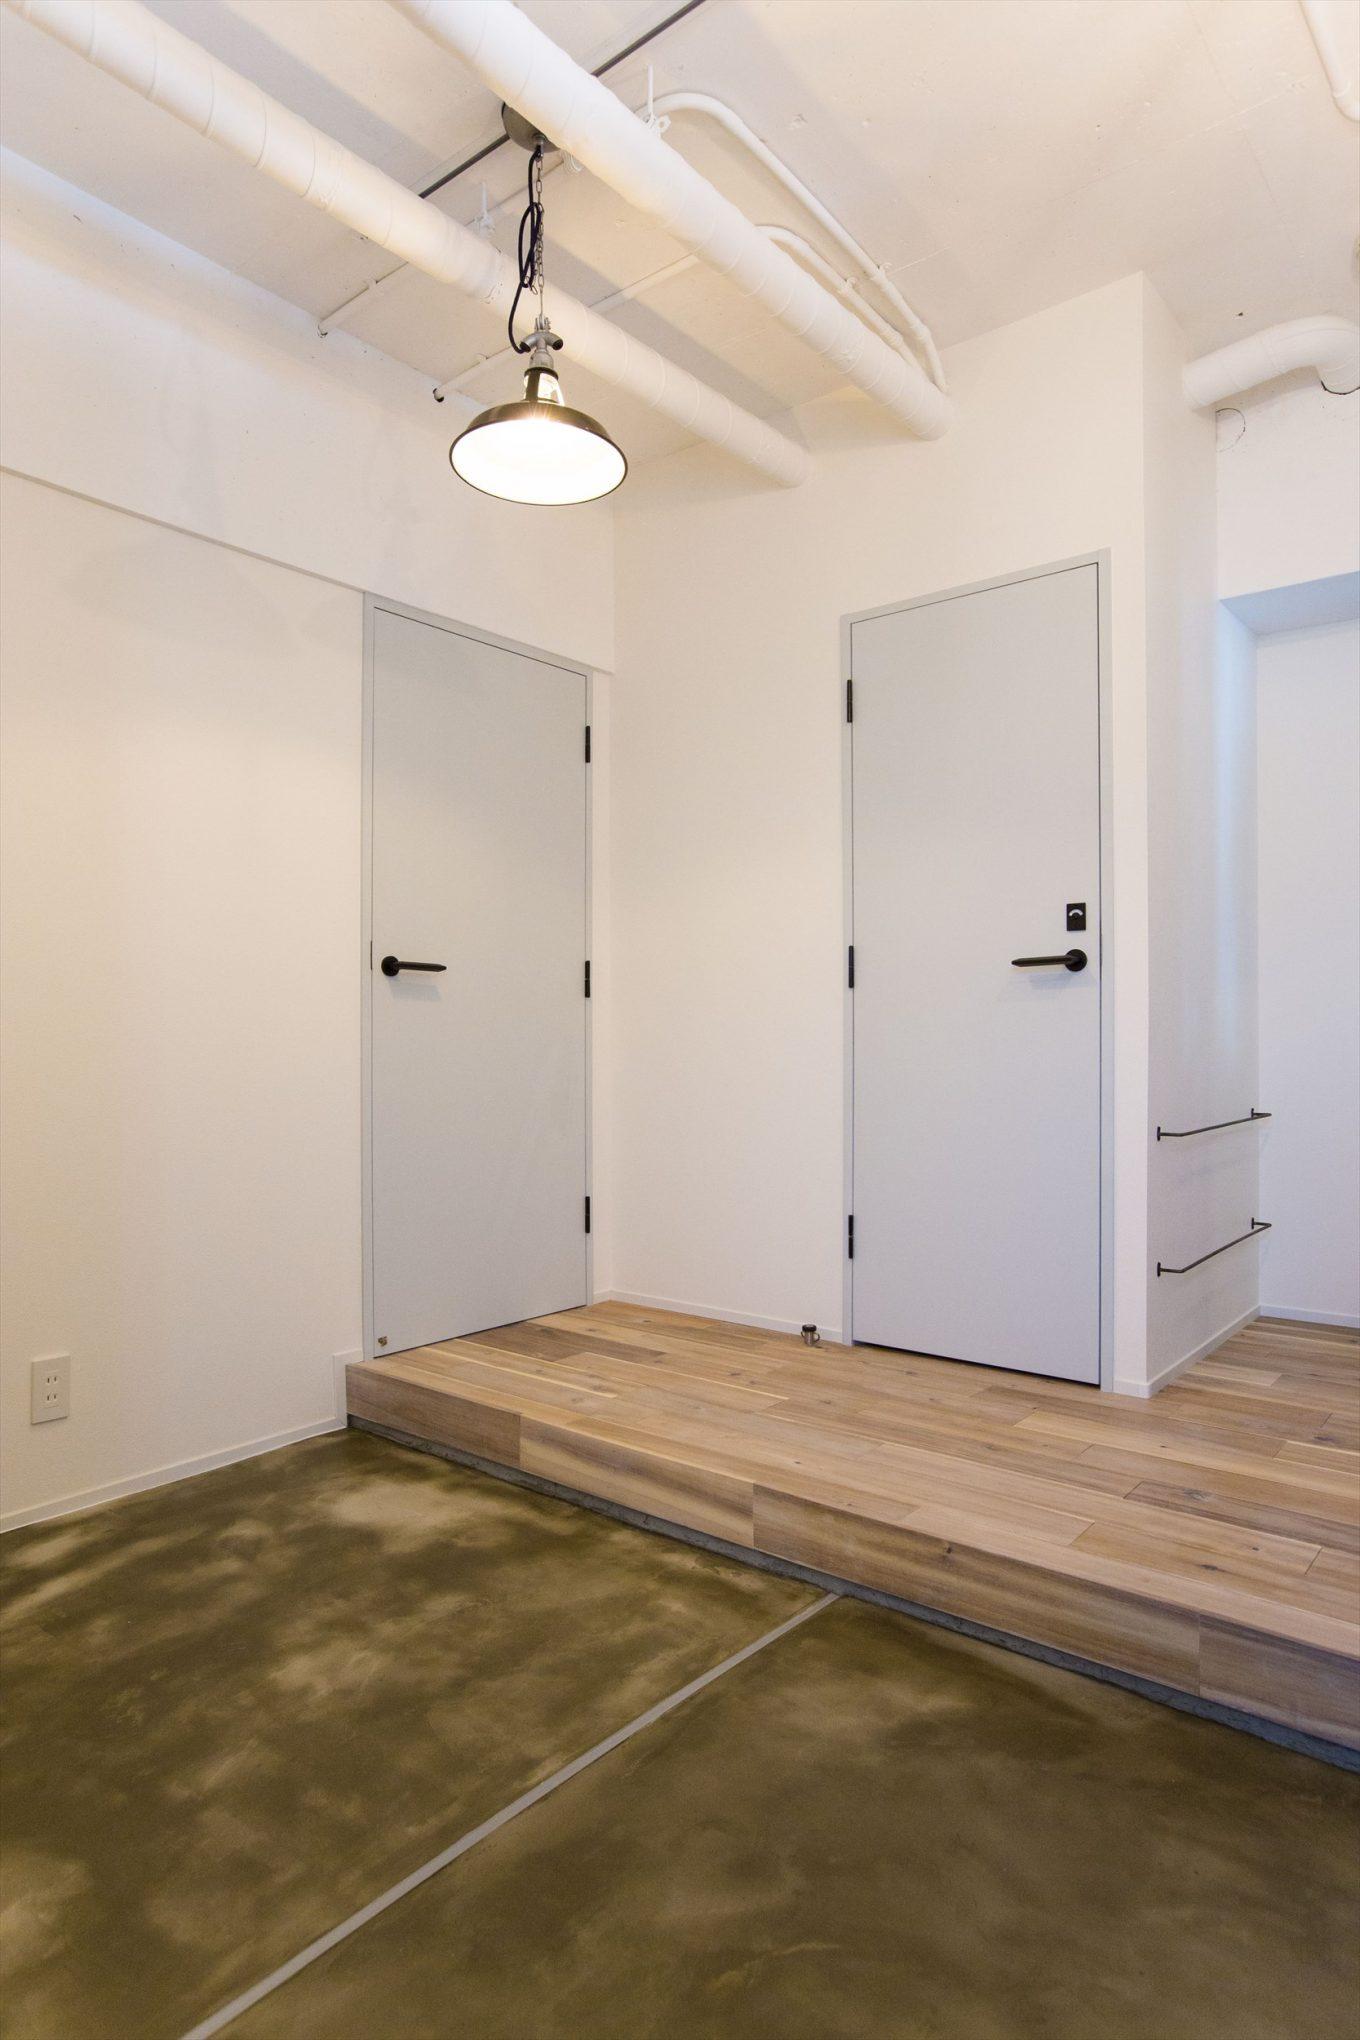 パステルカラーの淡い室内ドアと広い土間